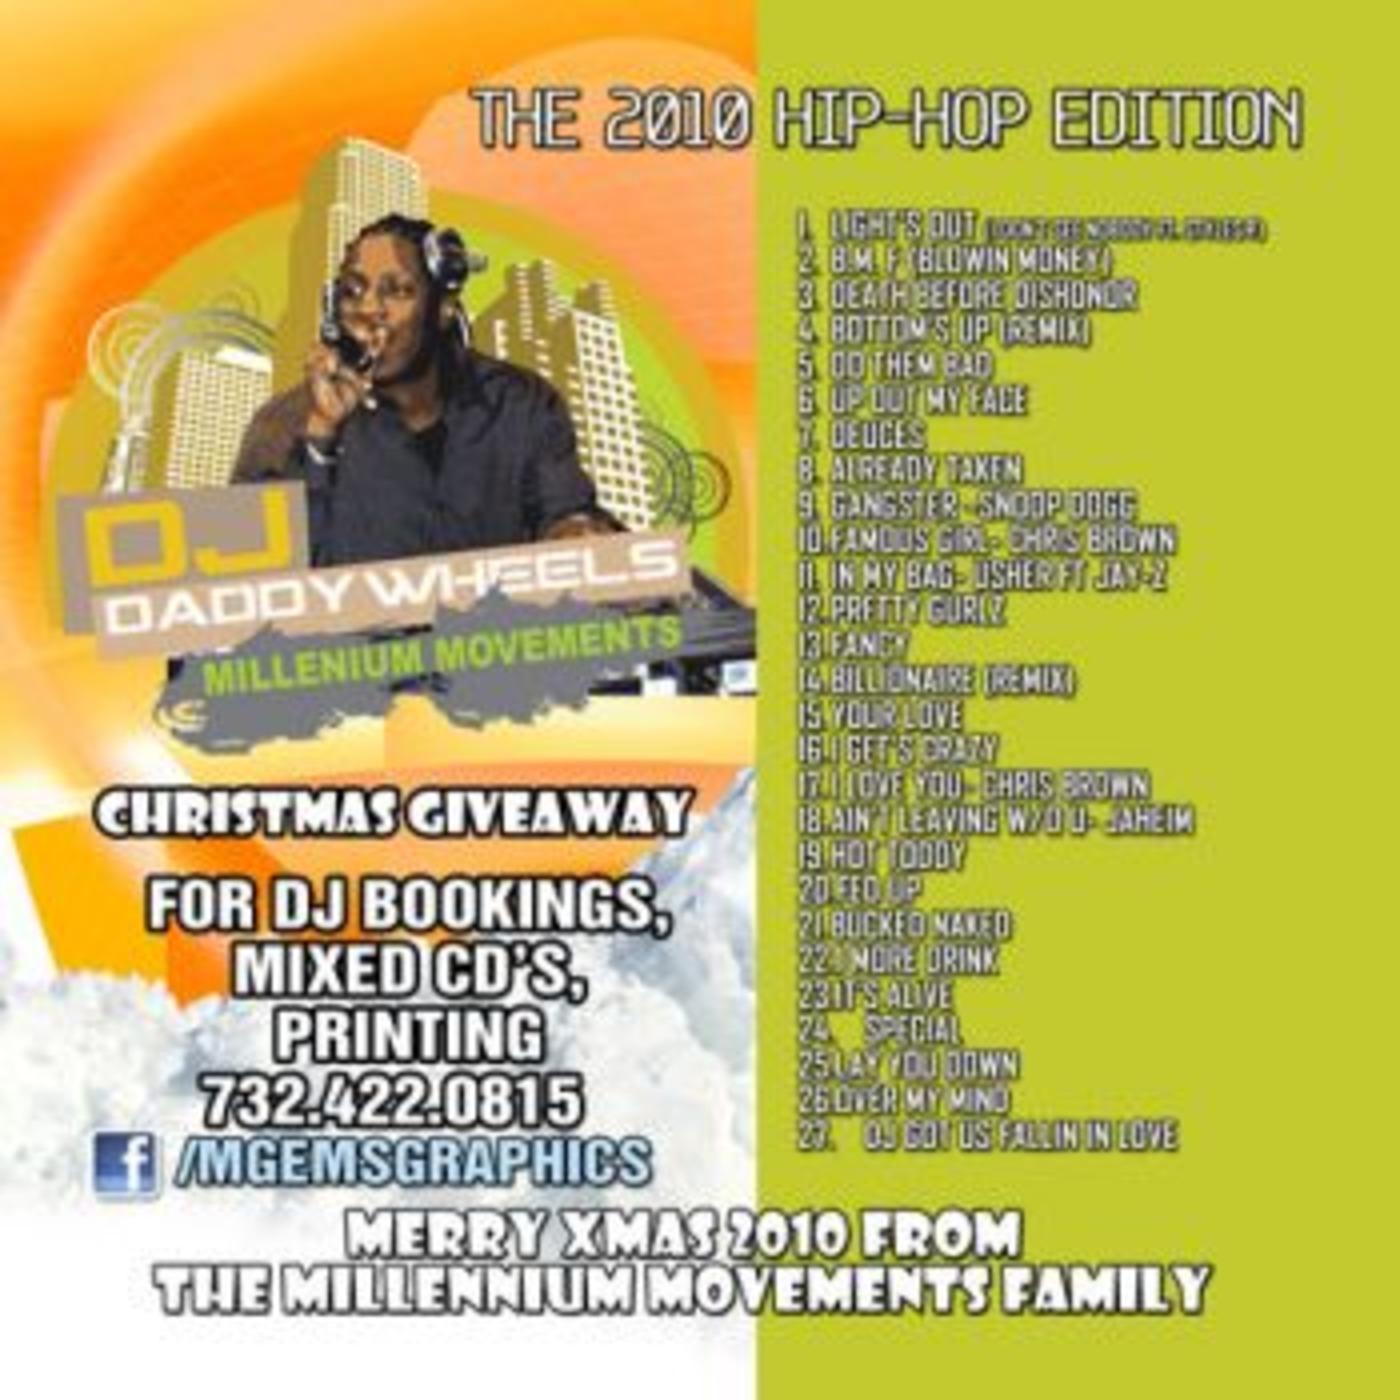 THROWBACK - BEST OF 2010: Hip-Hop Edition - DJ DADDYWHEELS DJ